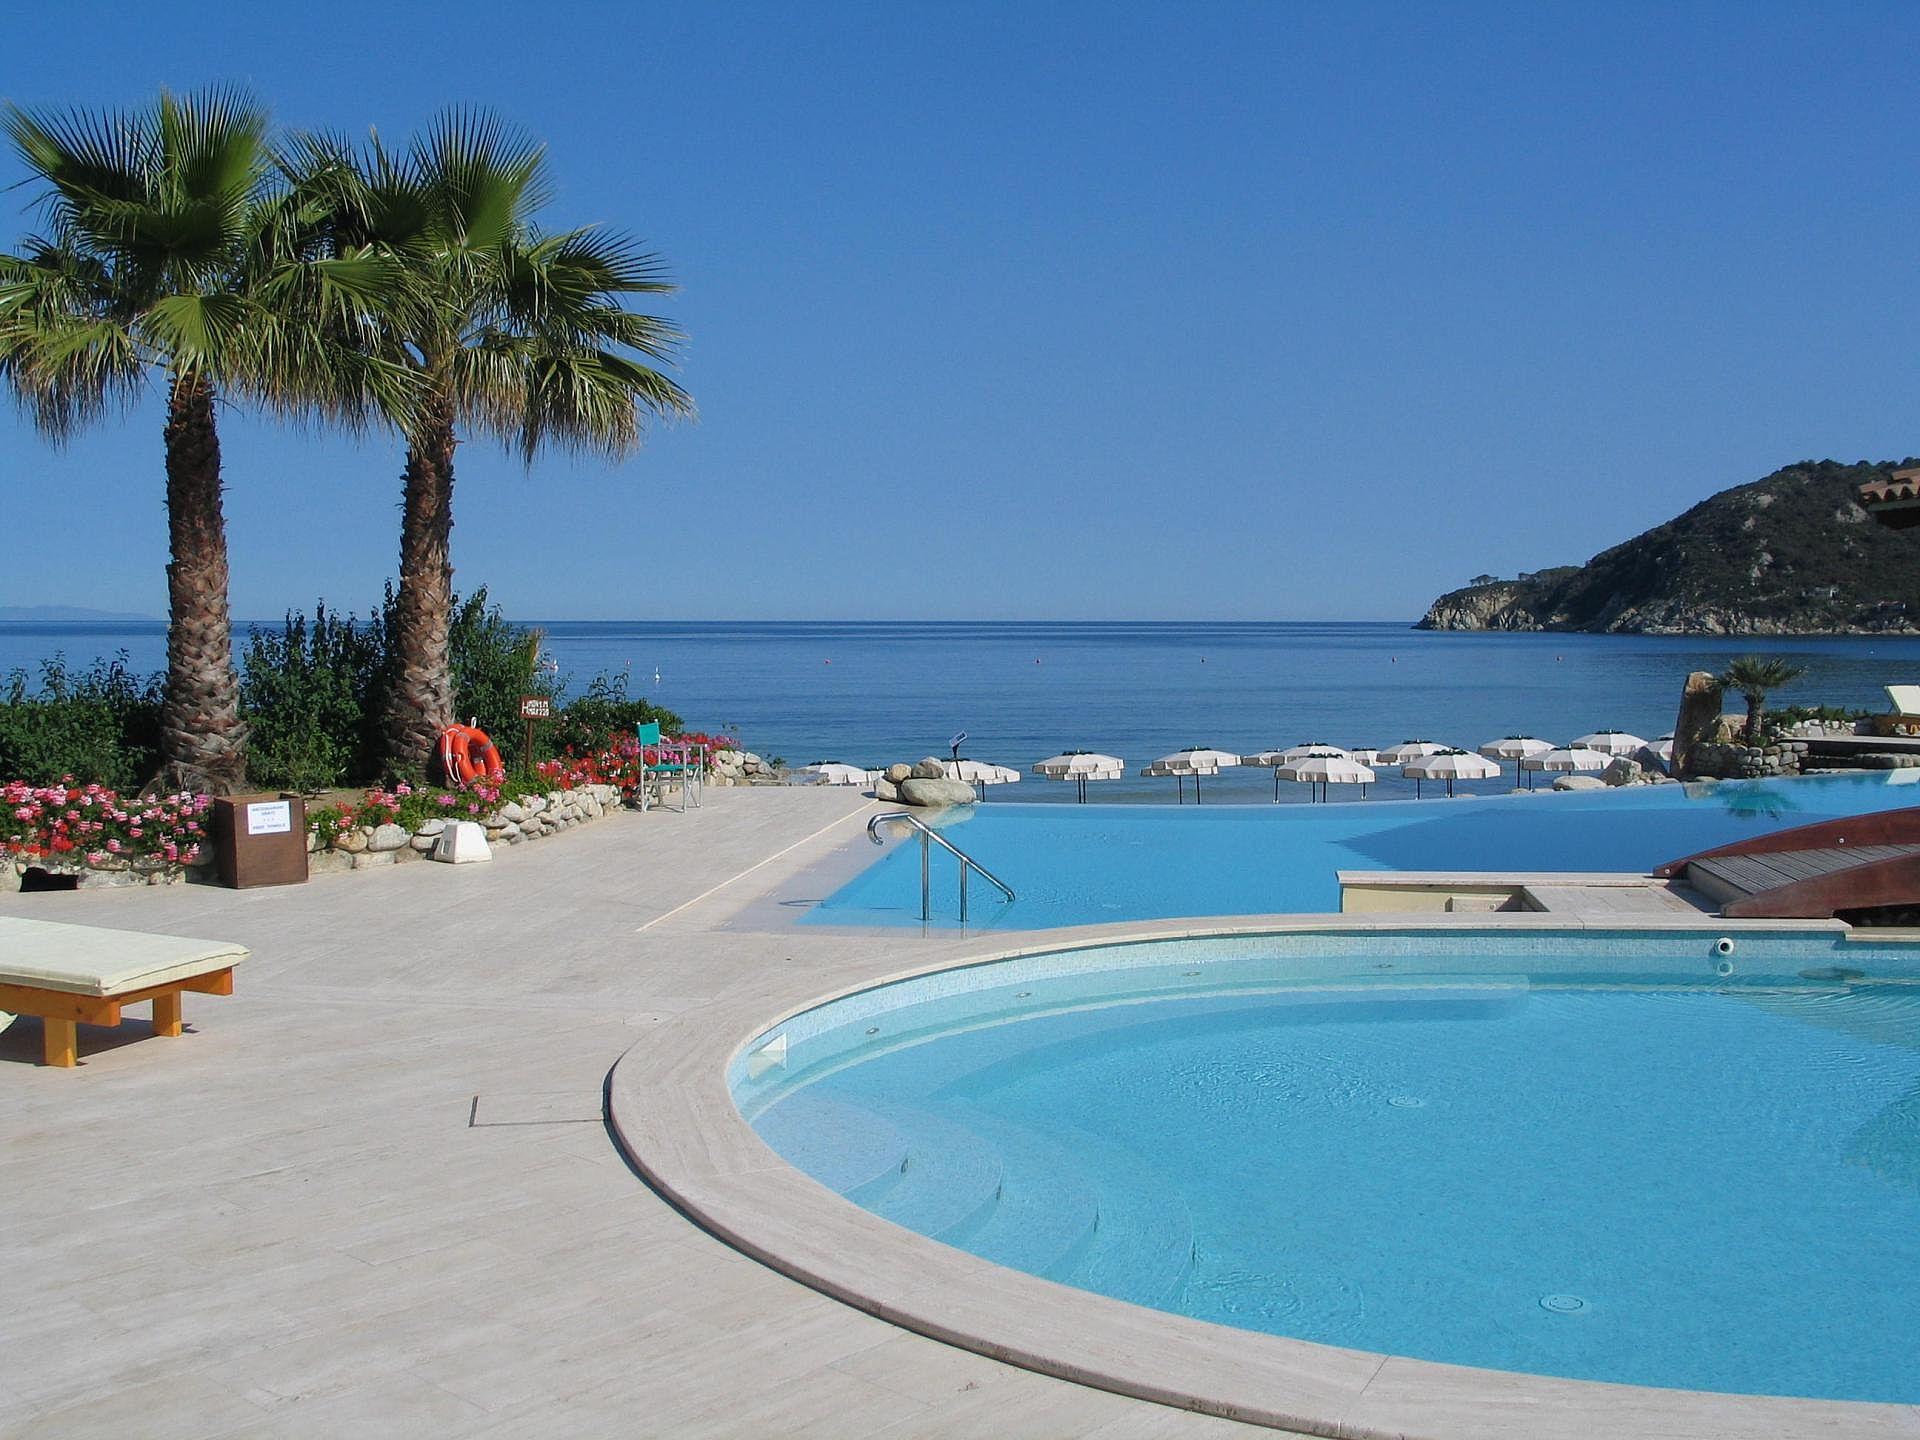 Hotel Hermitage Elba Online Zum Bestpreis Buchen Domicillio